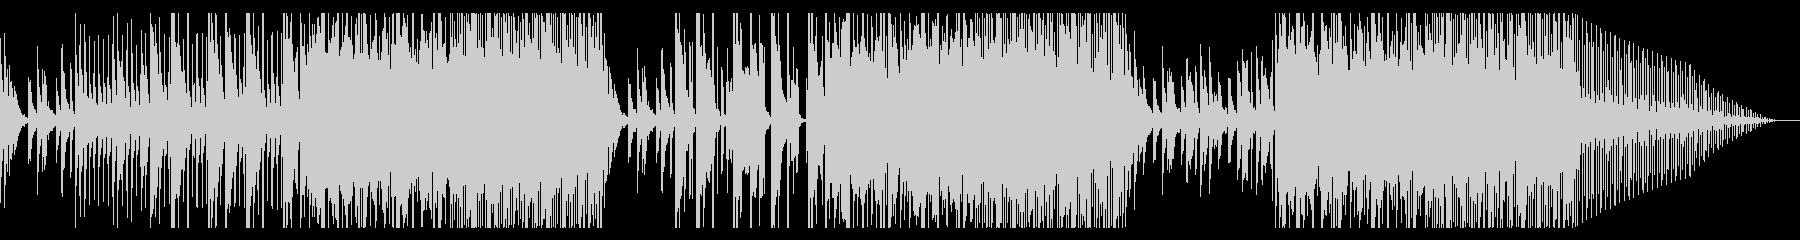 和風ダークヒップホップ4(三味線)の未再生の波形